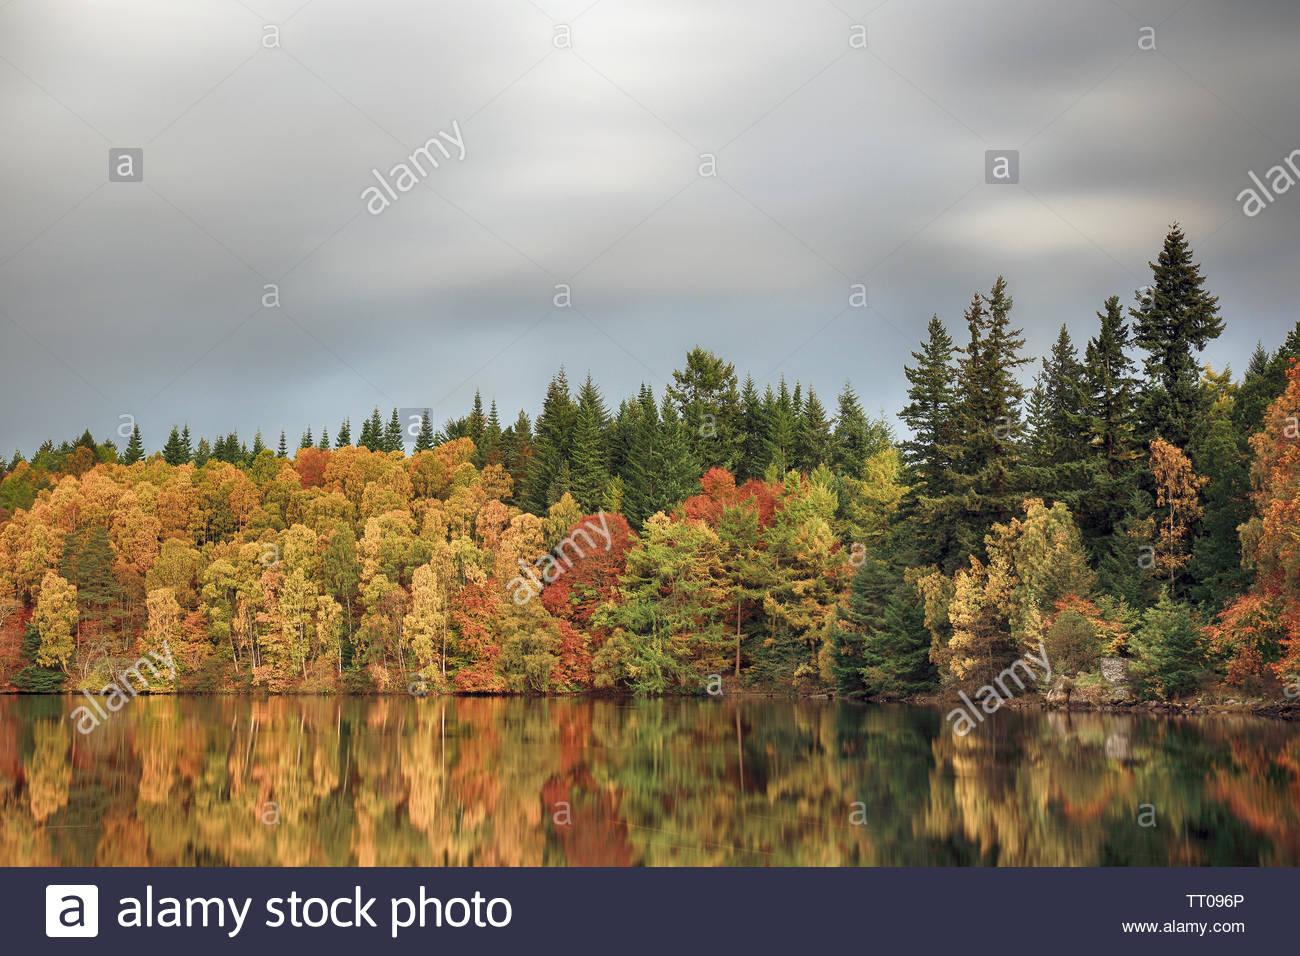 Una larga exposición del obturador de coloridos árboles de otoño reflexionando sobre un río. Foto de stock